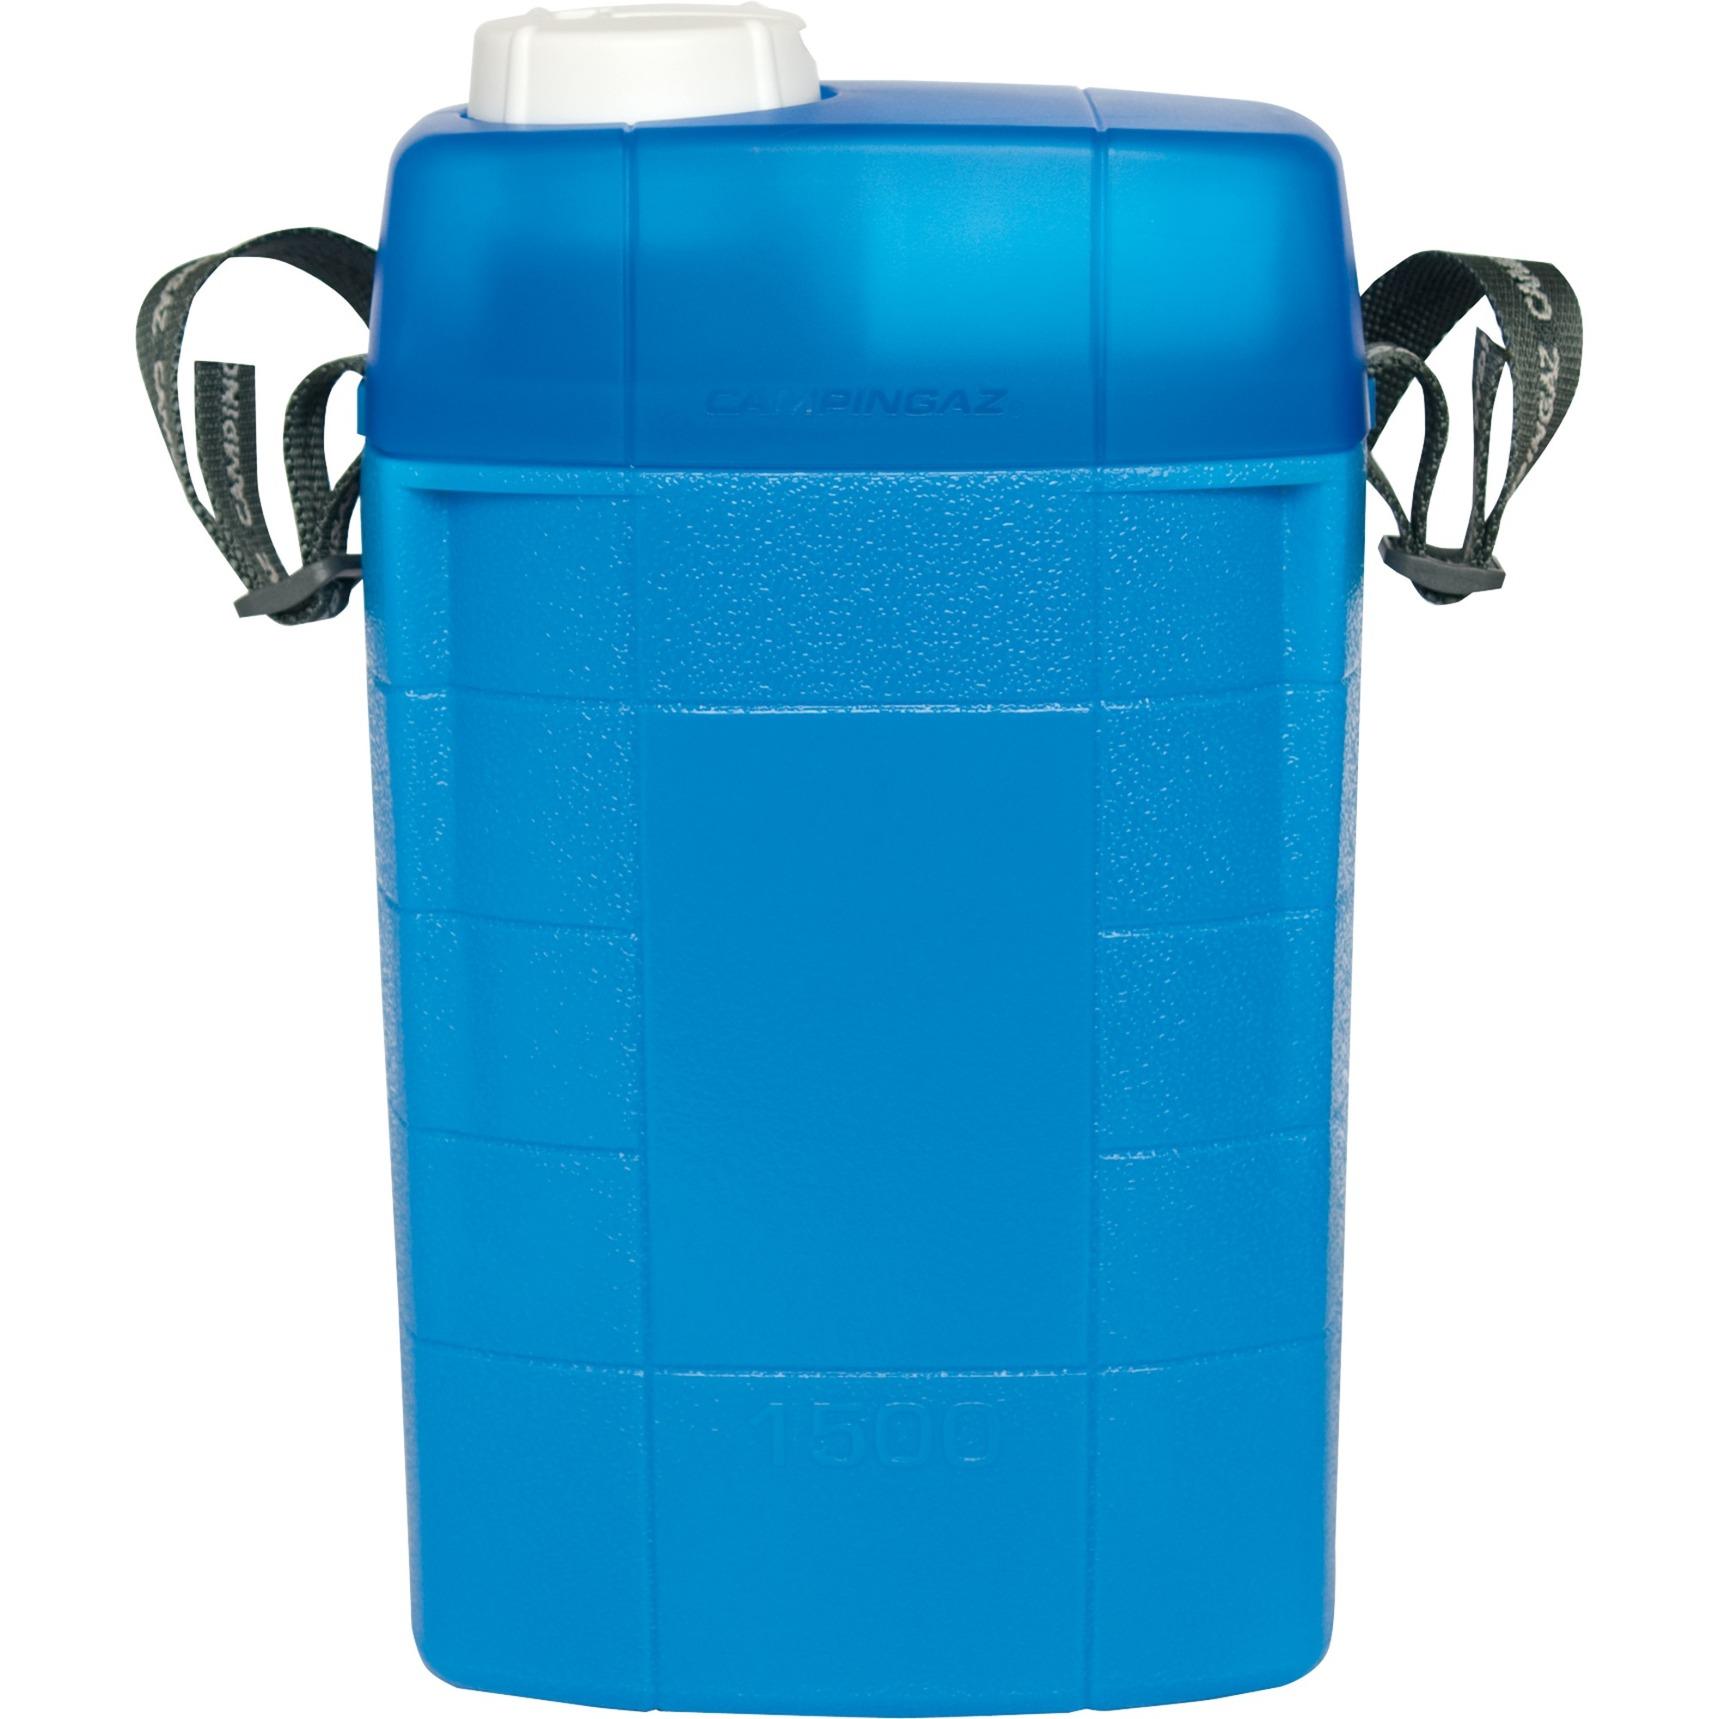 Extreme 1,5 L, Cooler bag